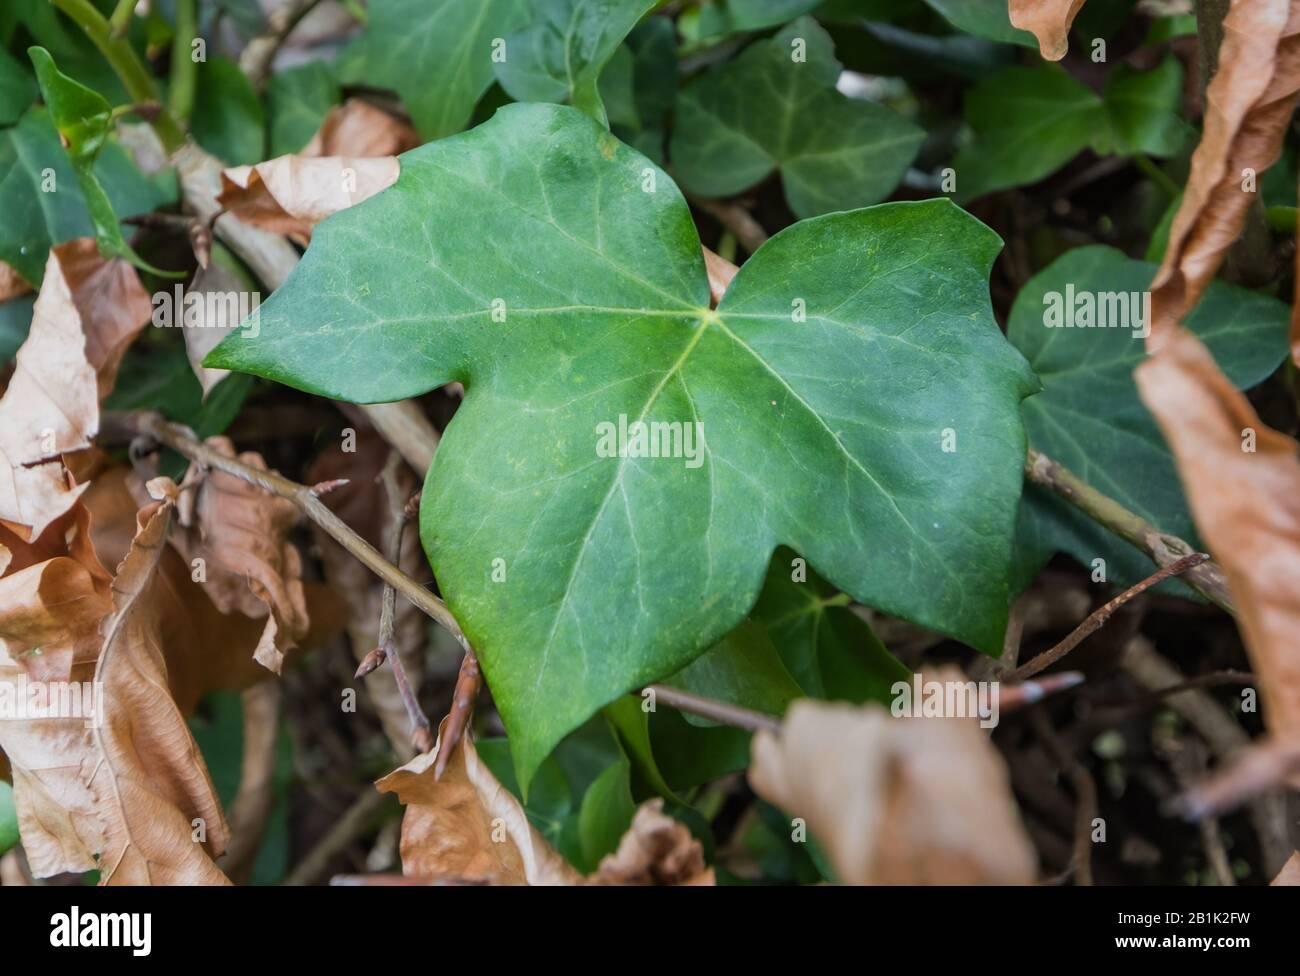 Hoja verde oscuro siempre verde palmately lobulada de la hiedra inglesa (hiedra común, hedera helix). Hojas con 3 lóbulos. Foto de stock